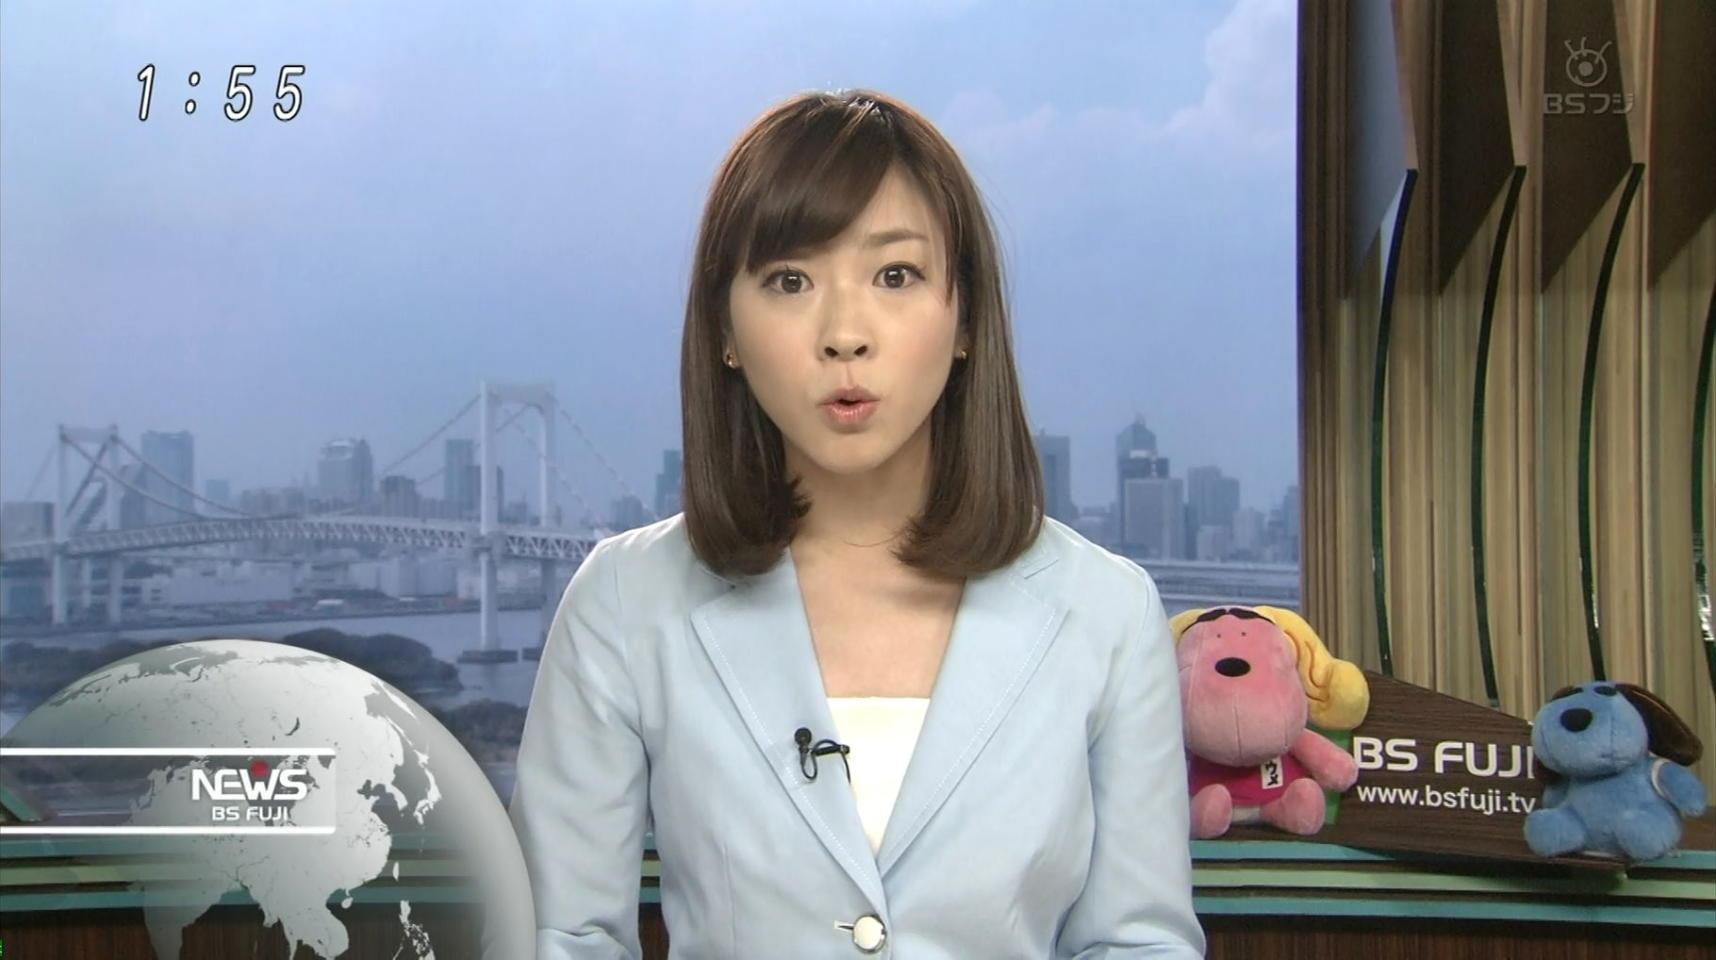 三上真奈 BSフジニュース 13/07/28:女子アナキャプでも貼っておく ~乙HiME~